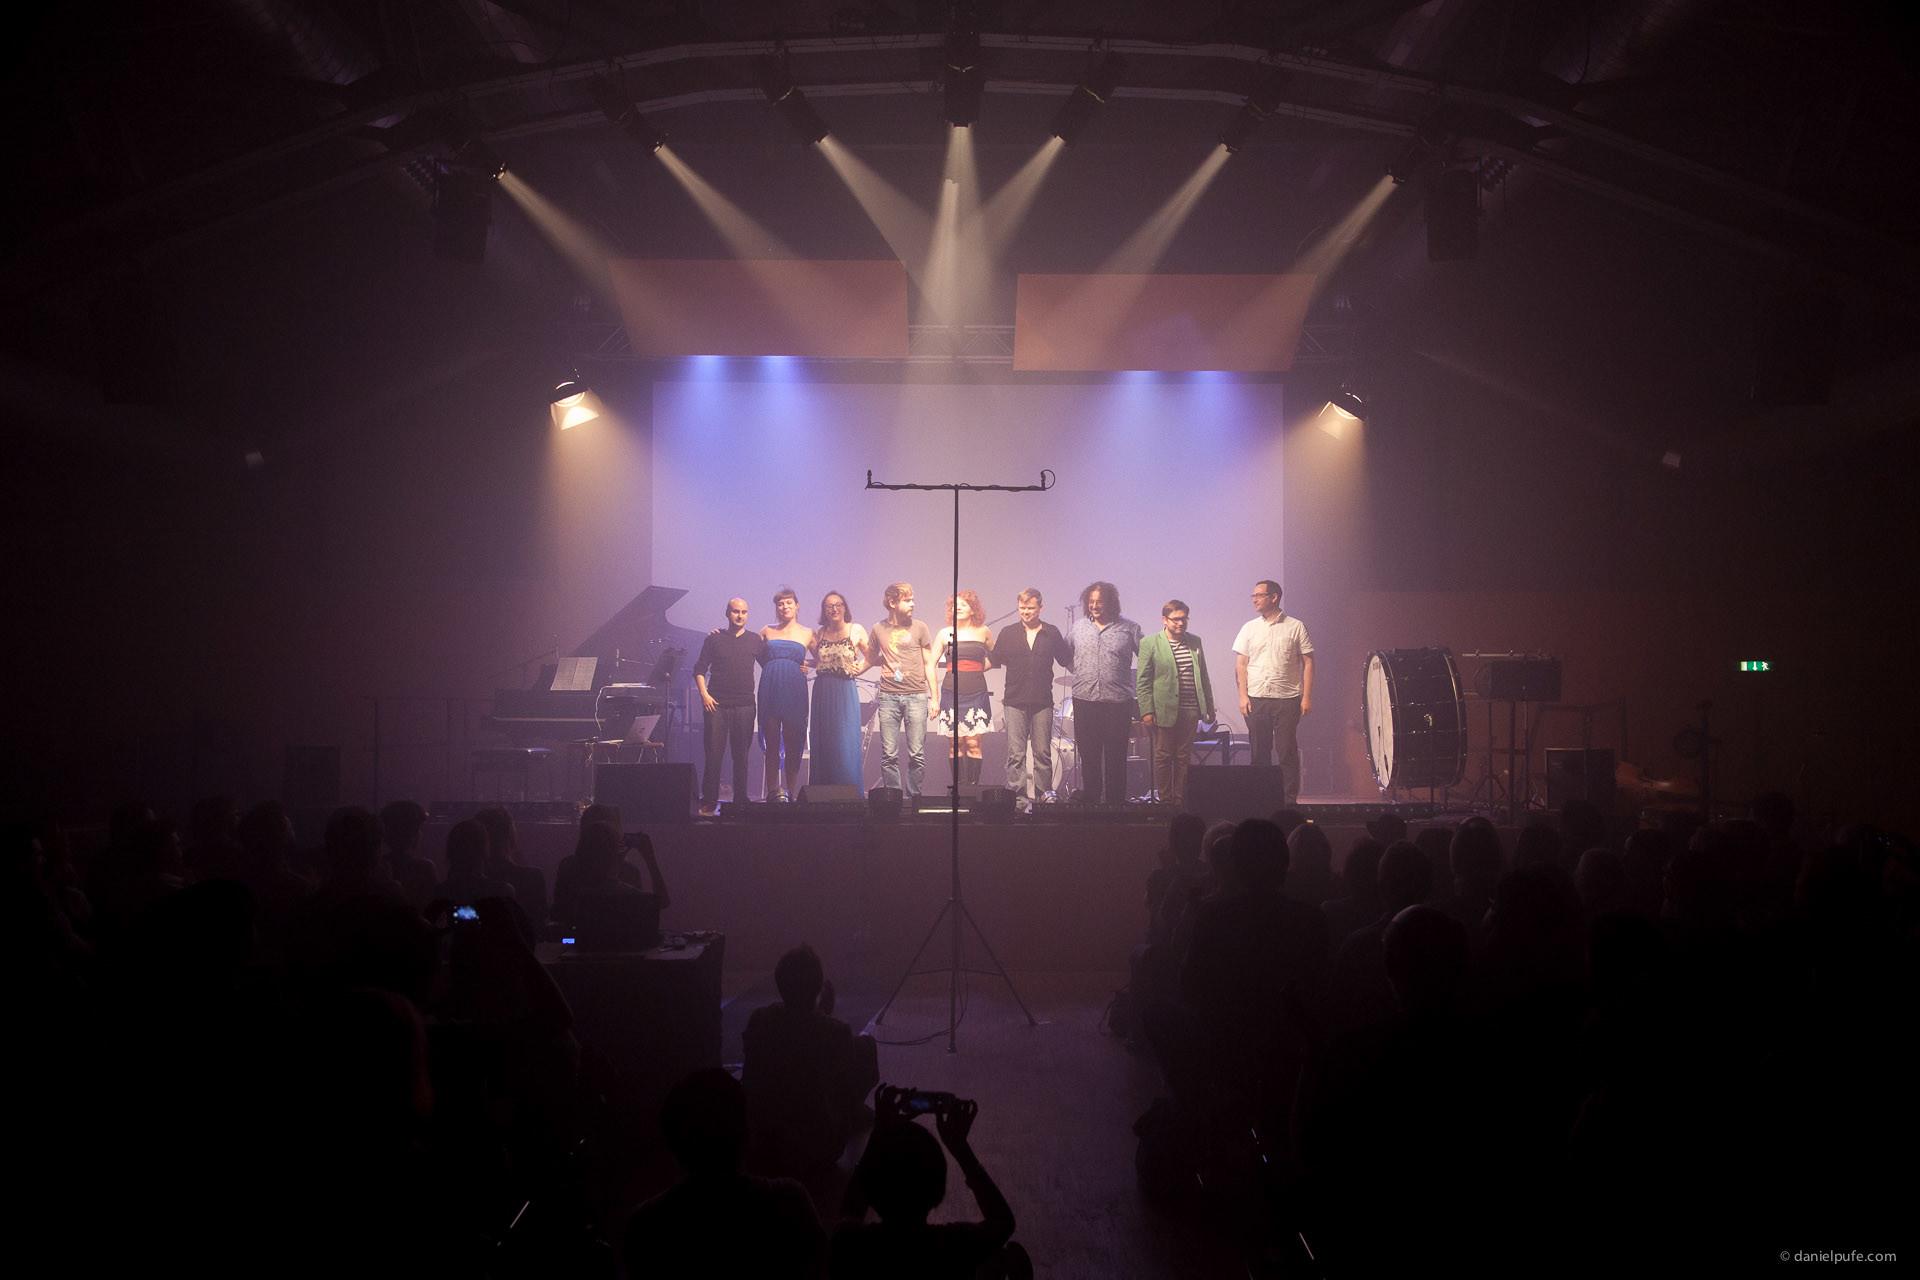 Concert: Decoder/Strobes - Centralstation